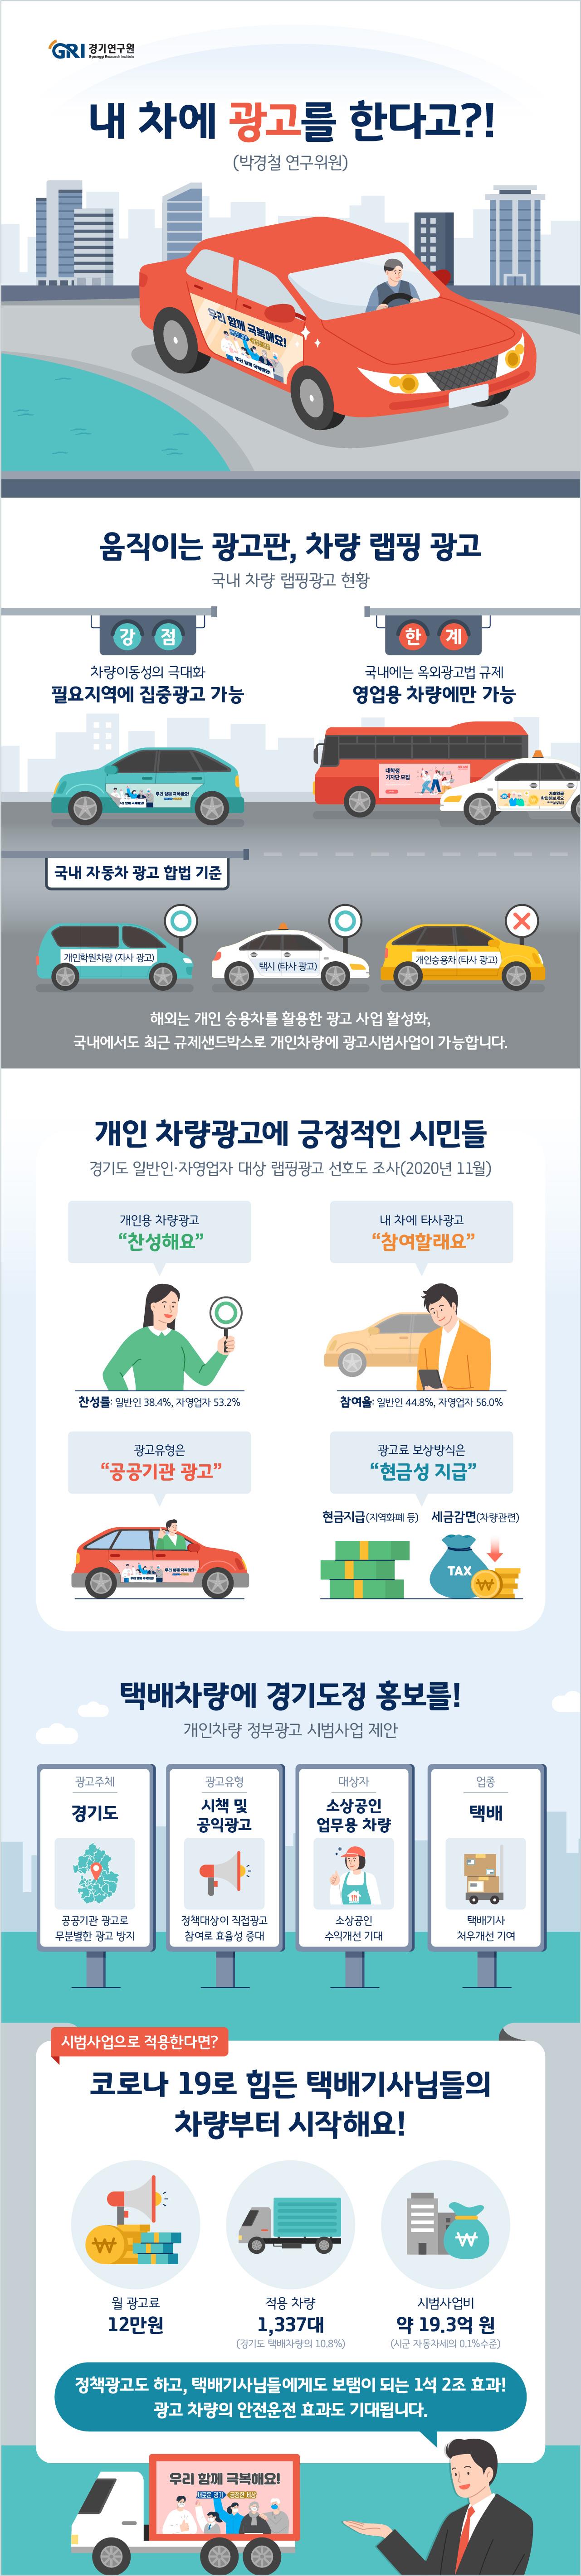 옥외광고의 일종인 차량 랩핑 광고는 차량외부에 광고물을 부착하는 기법이다. 국내의 차량 랩핑 광고는 버스나 택시, 트럭 등 영업용 차량에 국한되어 적용되고 있다. 개인 차량 광고는 자사 광고만 허용하고 있는 옥외광고법의 규제 때문이다. 해외에서는 개인 자동차에 타사 광고를 허용하고 있어 일반 시민이 광고를 통한 수익 창출이 가능하다. 최근(2020.12.23.) 산업통상자원부는 개인 차량을 활용한 타사광고 사업에 대한 규제 샌드박스 사업을 승인하여 시범사업 성과에 따라 우리나라도 개인 차량의 타사 광고 시장이 열릴 수 있다.   본 연구는 국내외 여건 변화에 맞춰 개인 차량을 활용한 공공기관의 정책홍보 방안을 제안한다. 이 같은 방안은 정책홍보 대상이 홍보 주체가 될 수 있으며, 더욱이 약 22,419천대의 새로운 홍보매체가 생기는 효과가 있다.   경기도민 설문조사에 의하면 일반시민의 38.4%, 자영업자의 53.2%가 개인용 차량에 대한 광고 규제 개선에 찬성하고 있다. 또한 개인 차량 광고사업 참여에 대해서 일반시민의 44.8%, 자영업자의 56.0%가 참여 의향이 있는 것으로 나타났다. 시민들은 개인 차량 광고 규제보다는 규제 개선을 더 선호하였으며, 절반에 가까운 사람들은 본인 차량을 활용한 광고수익 사업에 관심이 있는 것을 알 수 있다. 특히, 공공기관 관련 광고 사업에 대해서는 더욱 긍정적이다.   관련 규정내 시범사업으로 경기도 지역의 택배차량을 대상으로 한 도정홍보 랩핑 광고를 우선 제안하였다. 코로나19로 인한 택배기사 과로사 등의 사회문제 속에 랩핑을 통한 광고수익은 택배기사의 처우개선에 기여할 수 있다. 시범사업은 경기도 택배차 1,337대를 대상으로 하며, 월 12만원의 광고료를 택배기사에게 지급한다면 연간 약 19.3억 원이 필요하다. 소요 예산은 경기도의 현금(지역화폐)과 시군의 자동차세 감면 방안을 혼합하면 손쉽게 조달이 가능할 것이다. 시범사업을 통해 정책효과가 입증되면 대상차량을 택배 업종뿐만 아니라 음식점이나 서비스업 등 다양한 자영업자로 확대하고 지역도 전국단위로 확산하도록 한다.    본 연구에서는 무분별한 차량 광고 노출을 방지하고 소상공인 지원 측면에서 불특정한 일반시민들보다는 자영업자의 개인차량을 우선으로 하였다. 택배 외 타업종 확대를 위해 옥외광고법의 개정을 제안하며 개인 자동차 광고가 더 이상 규제가 아닌 자영업자들의 생계에 도움이 되길 기대한다.